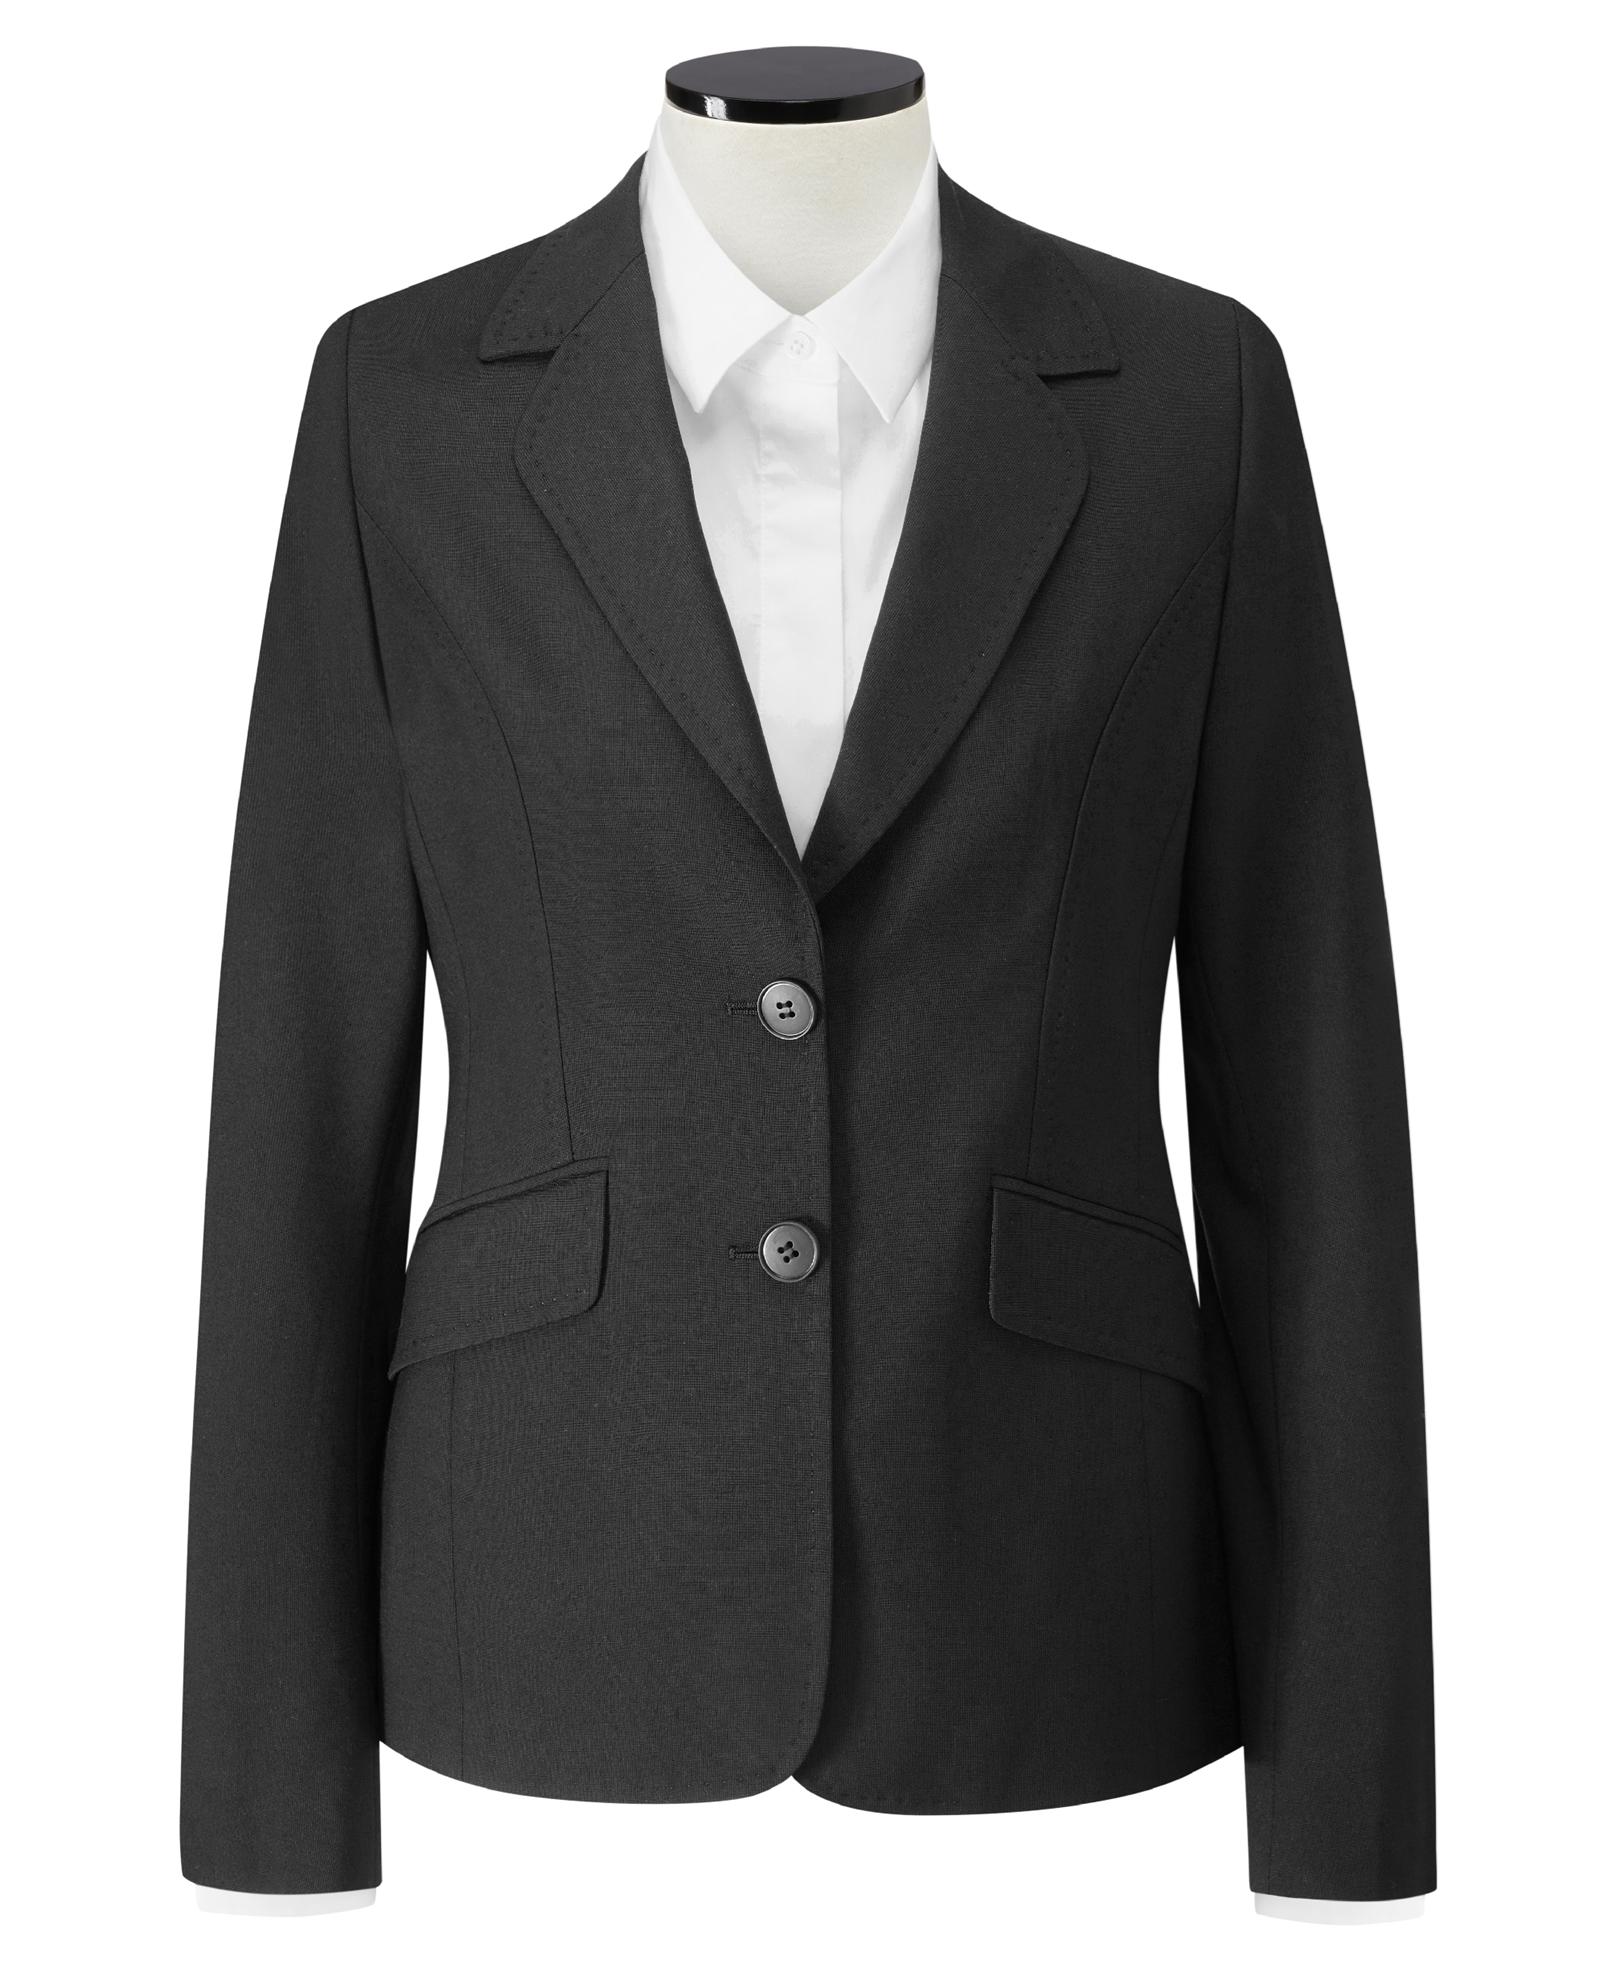 Picture of Ladies Bloomsbury Jacket - Black